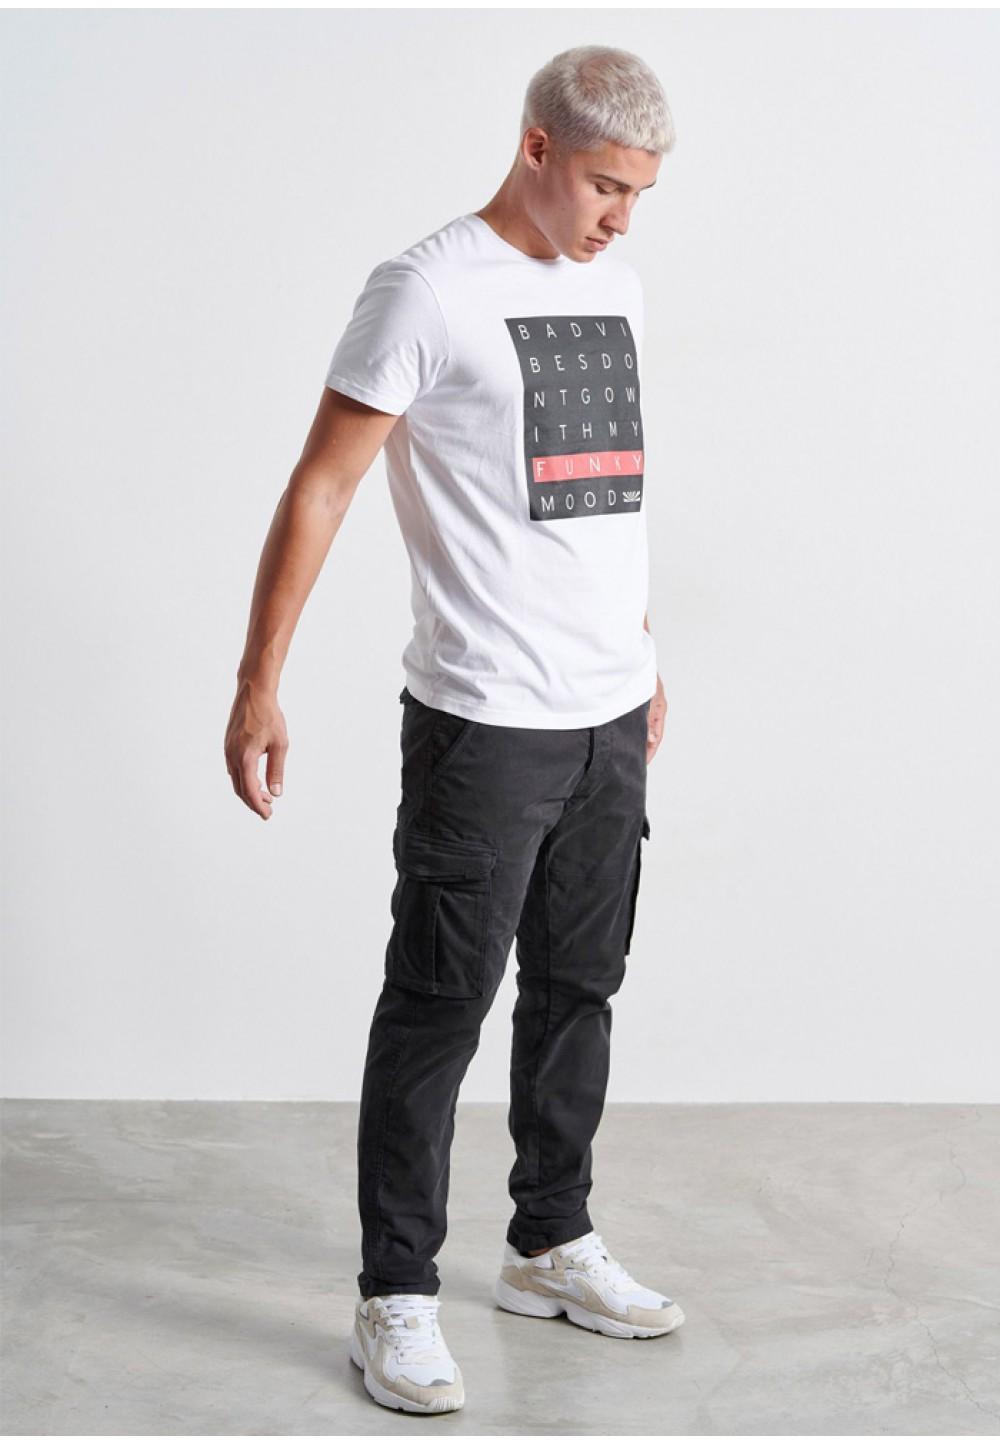 Біла чоловіча футболка з принтом